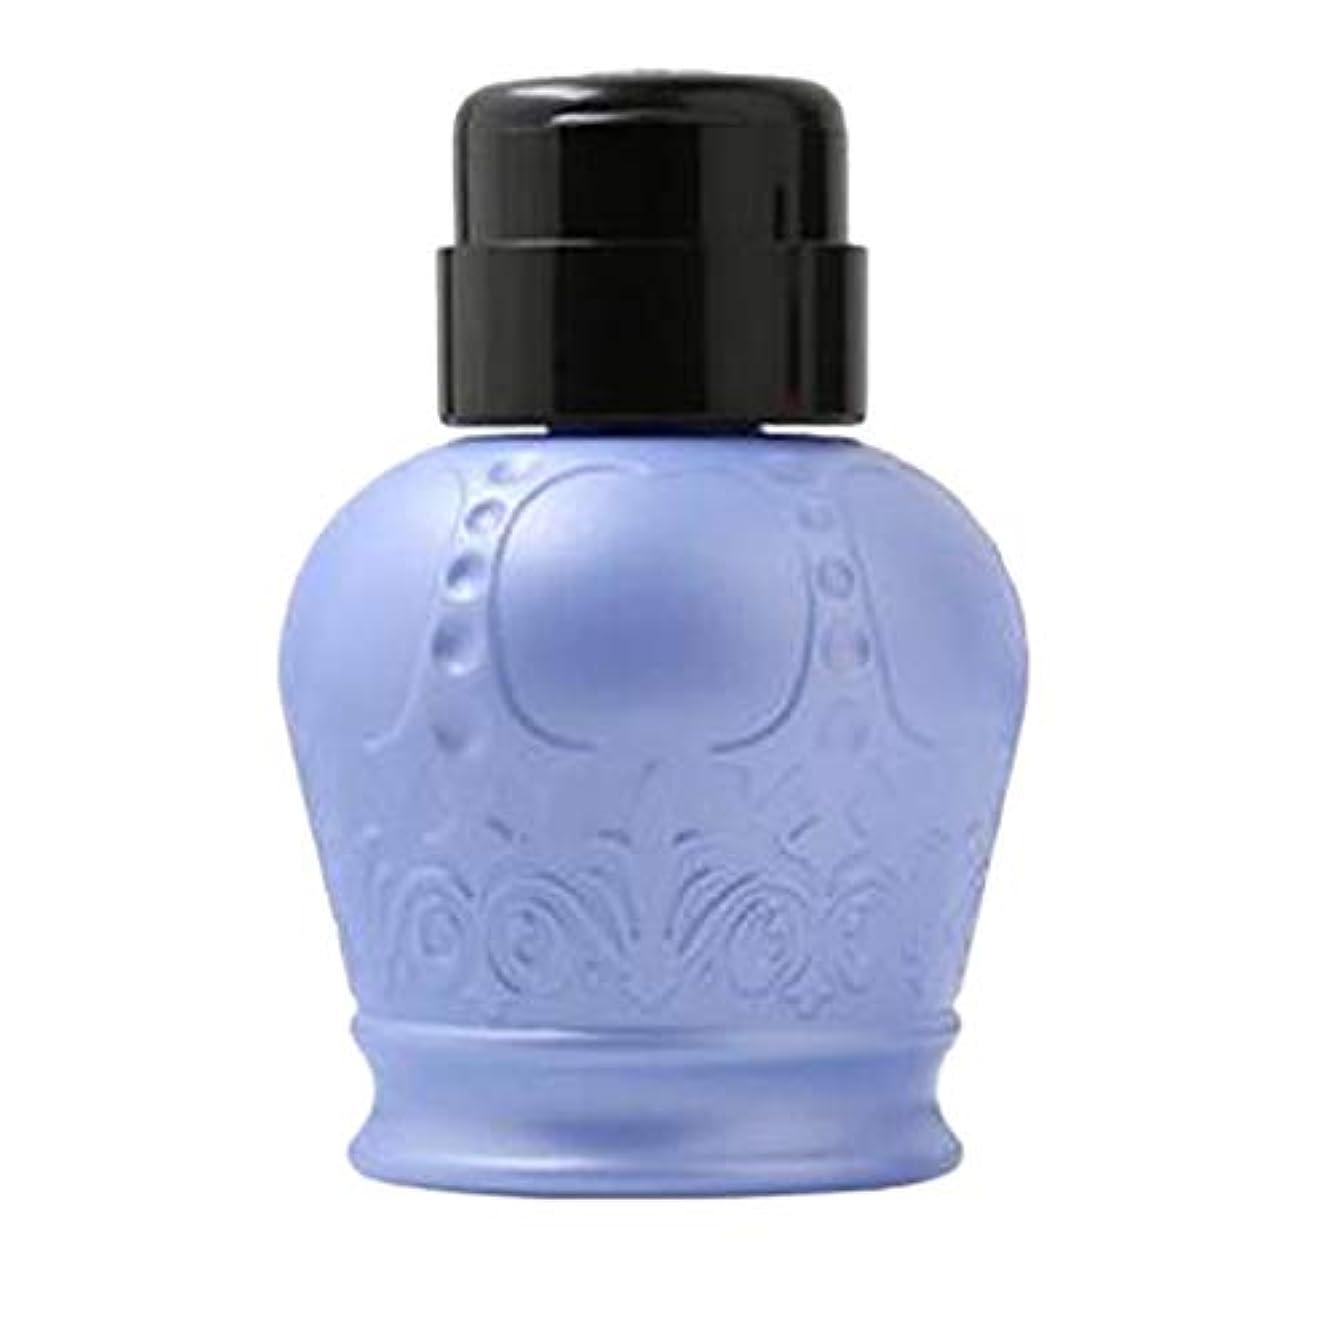 プリーツパック子羊gazechimp 全2カラー ネイルアート用ディスペンサー アクリルリムーバーボトル ポンプボトル - ブルー